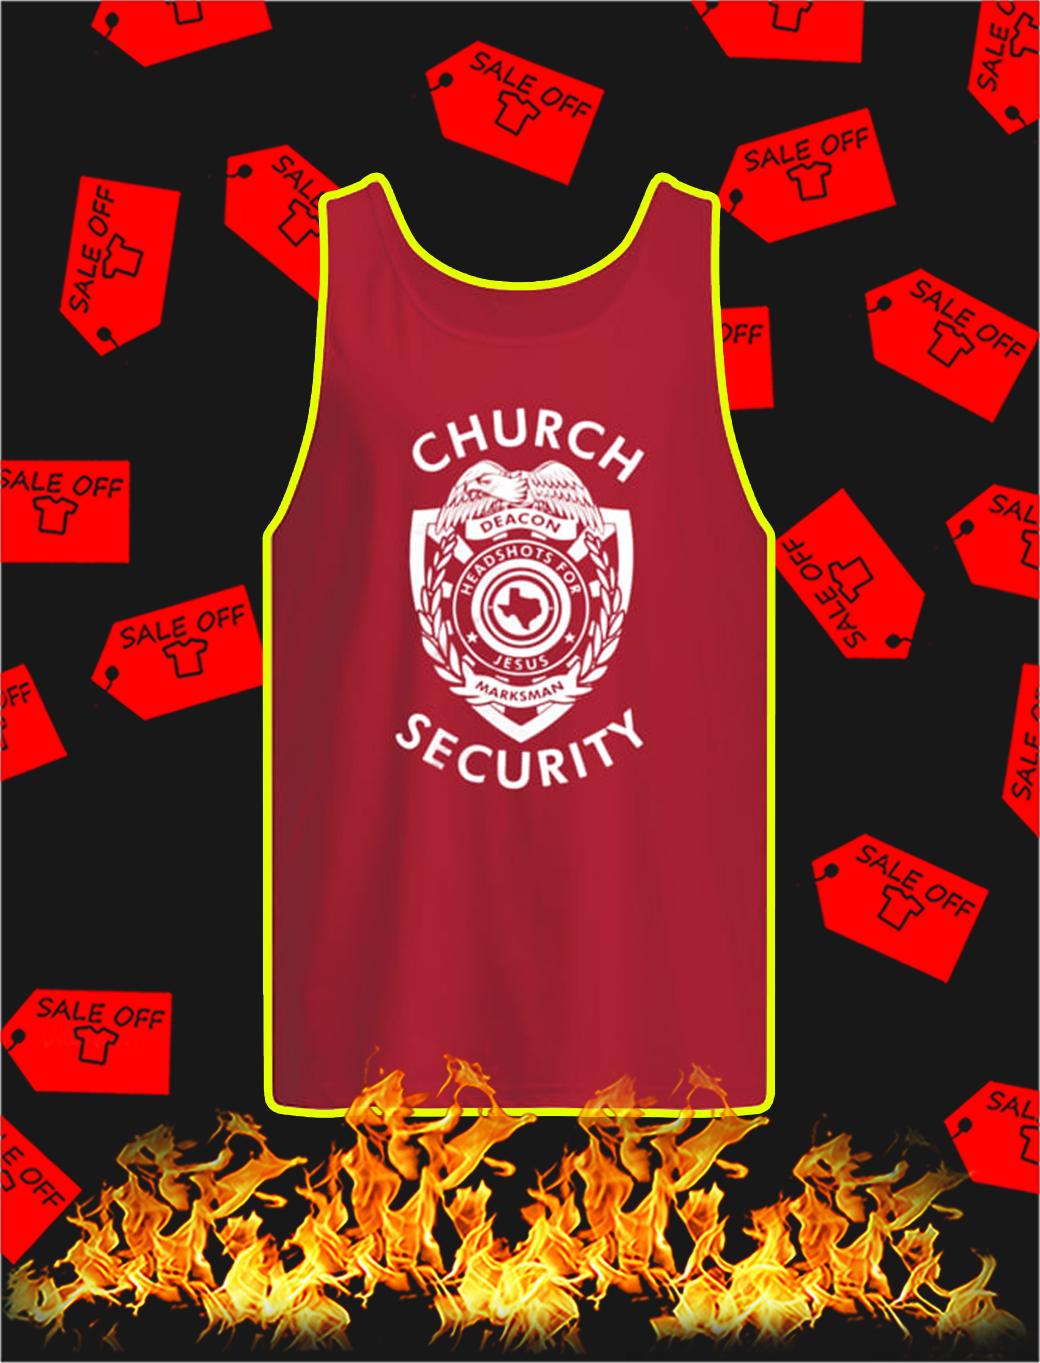 Church Security tank top